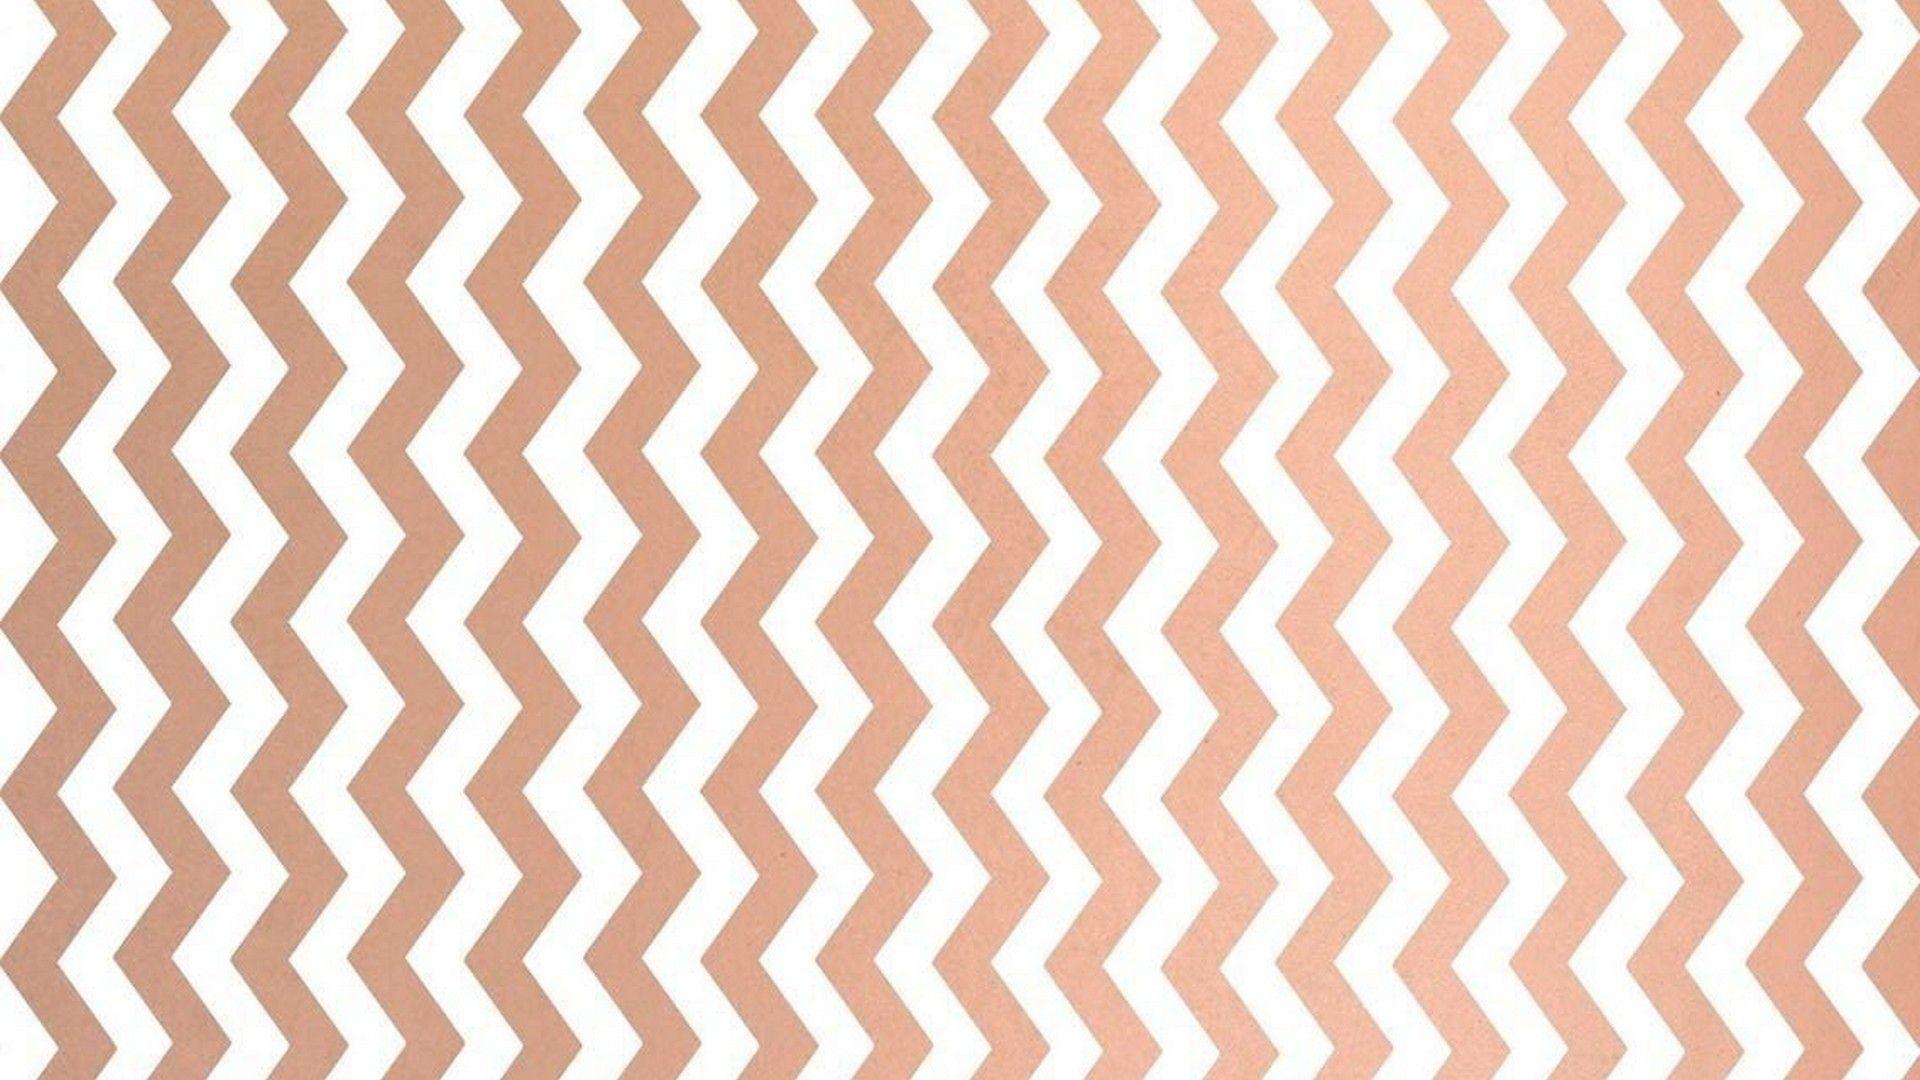 Pc Wallpaper Cute Rose Gold Best Hd Wallpapers Gold Wallpaper Iphone Pink Wallpaper Iphone Cute Desktop Wallpaper